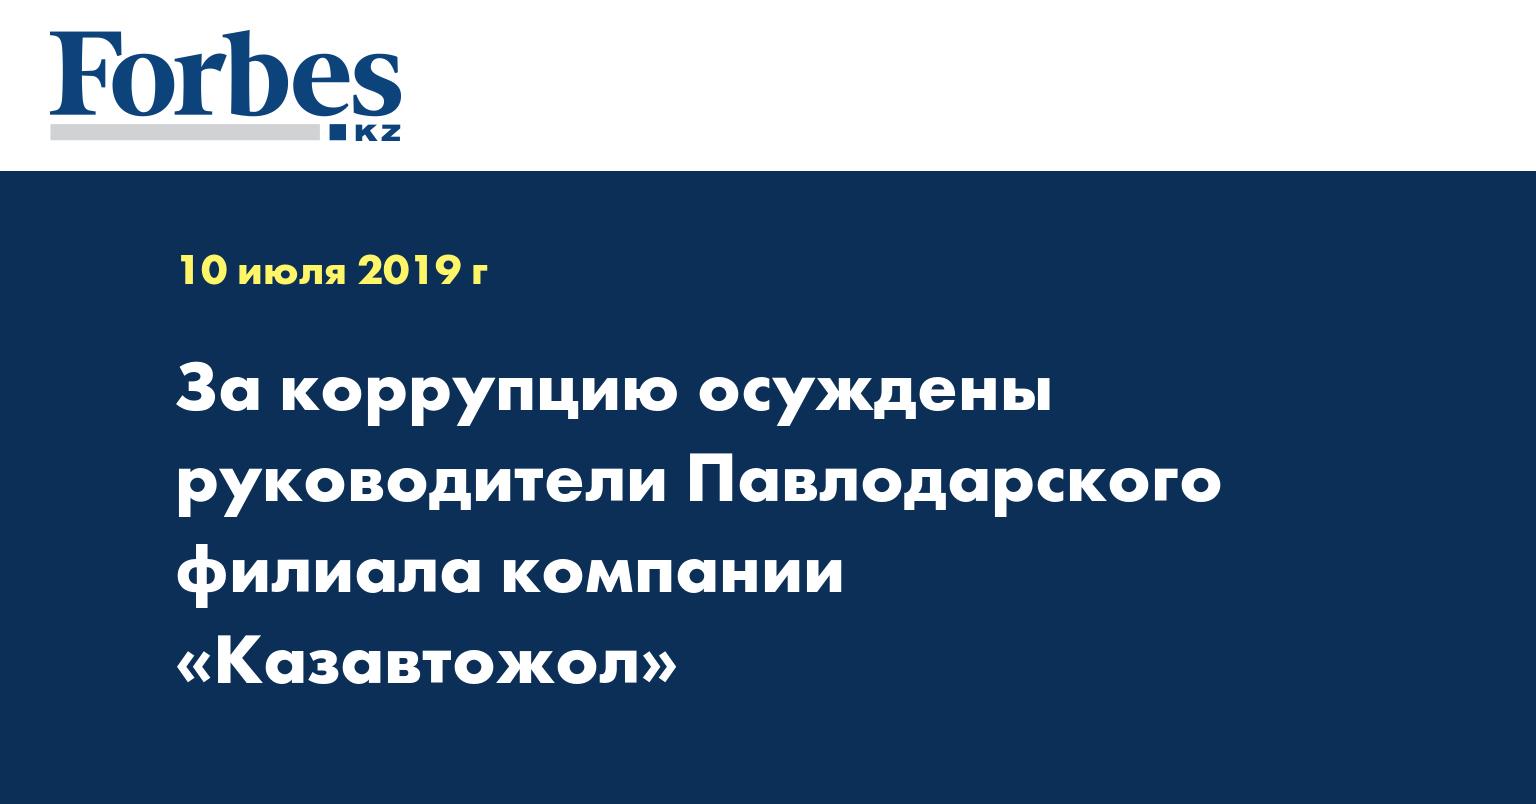 За коррупцию осуждены руководители Павлодарского филиала компании «Казавтожол»